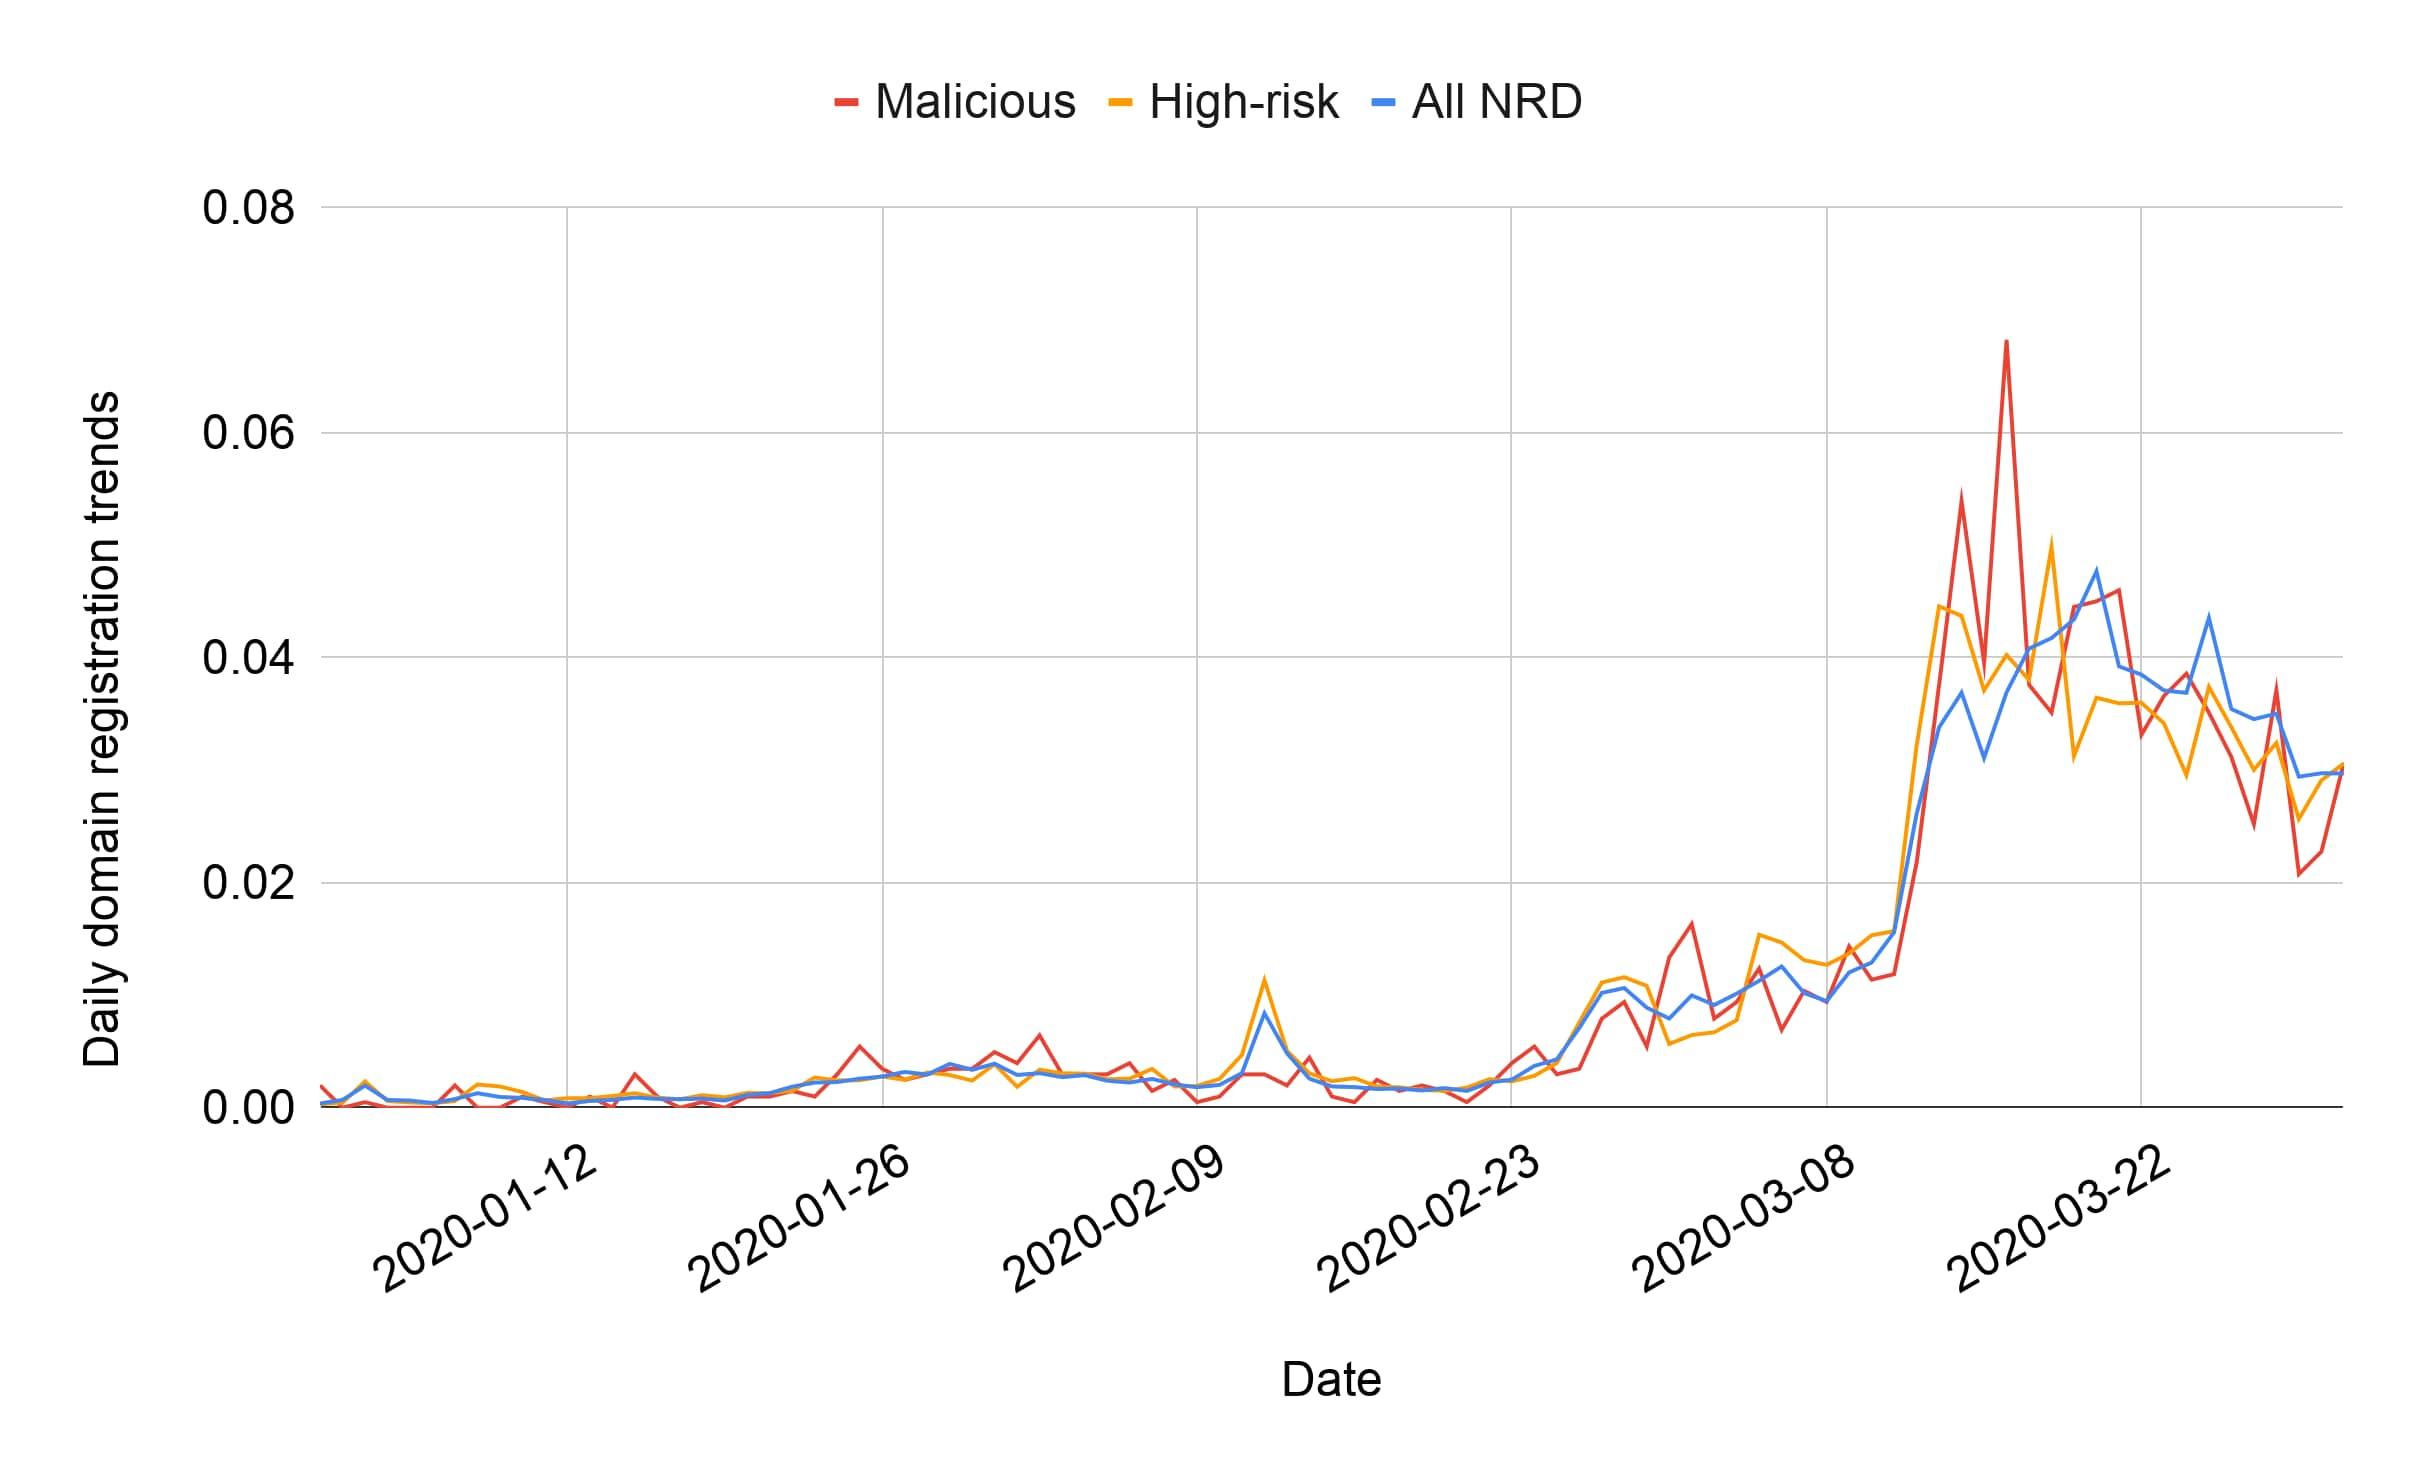 図3. コロナウイルス関連ドメインの新規登録傾向